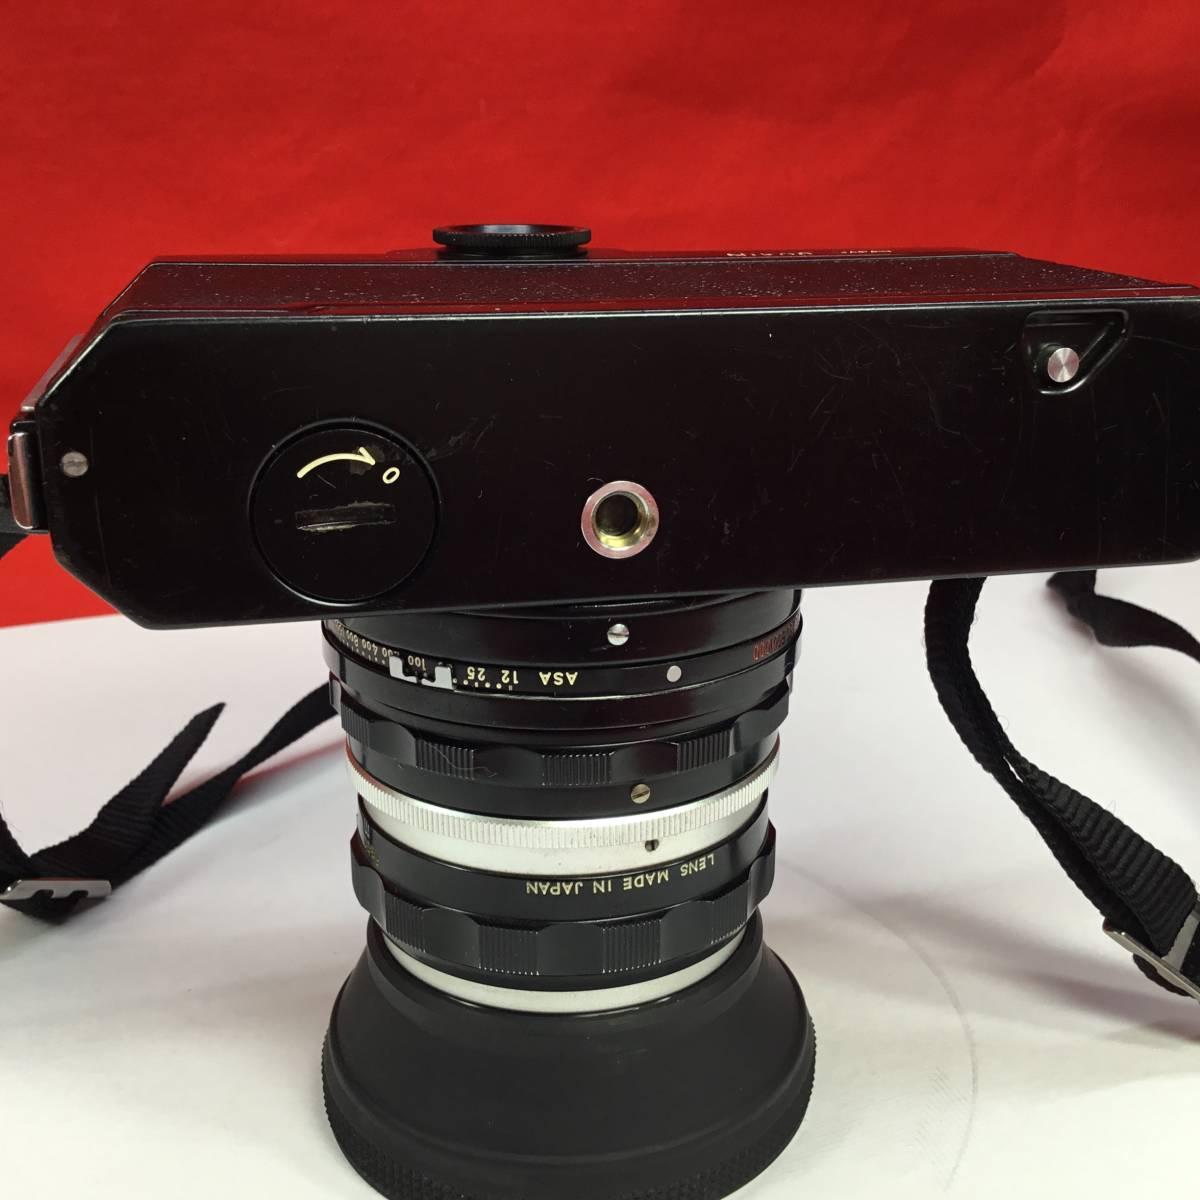 一眼レフカメラ Nikomat FT レンズ Nikon NIKKOR-H Auto 1:2 f=50mm ニコマート_画像4